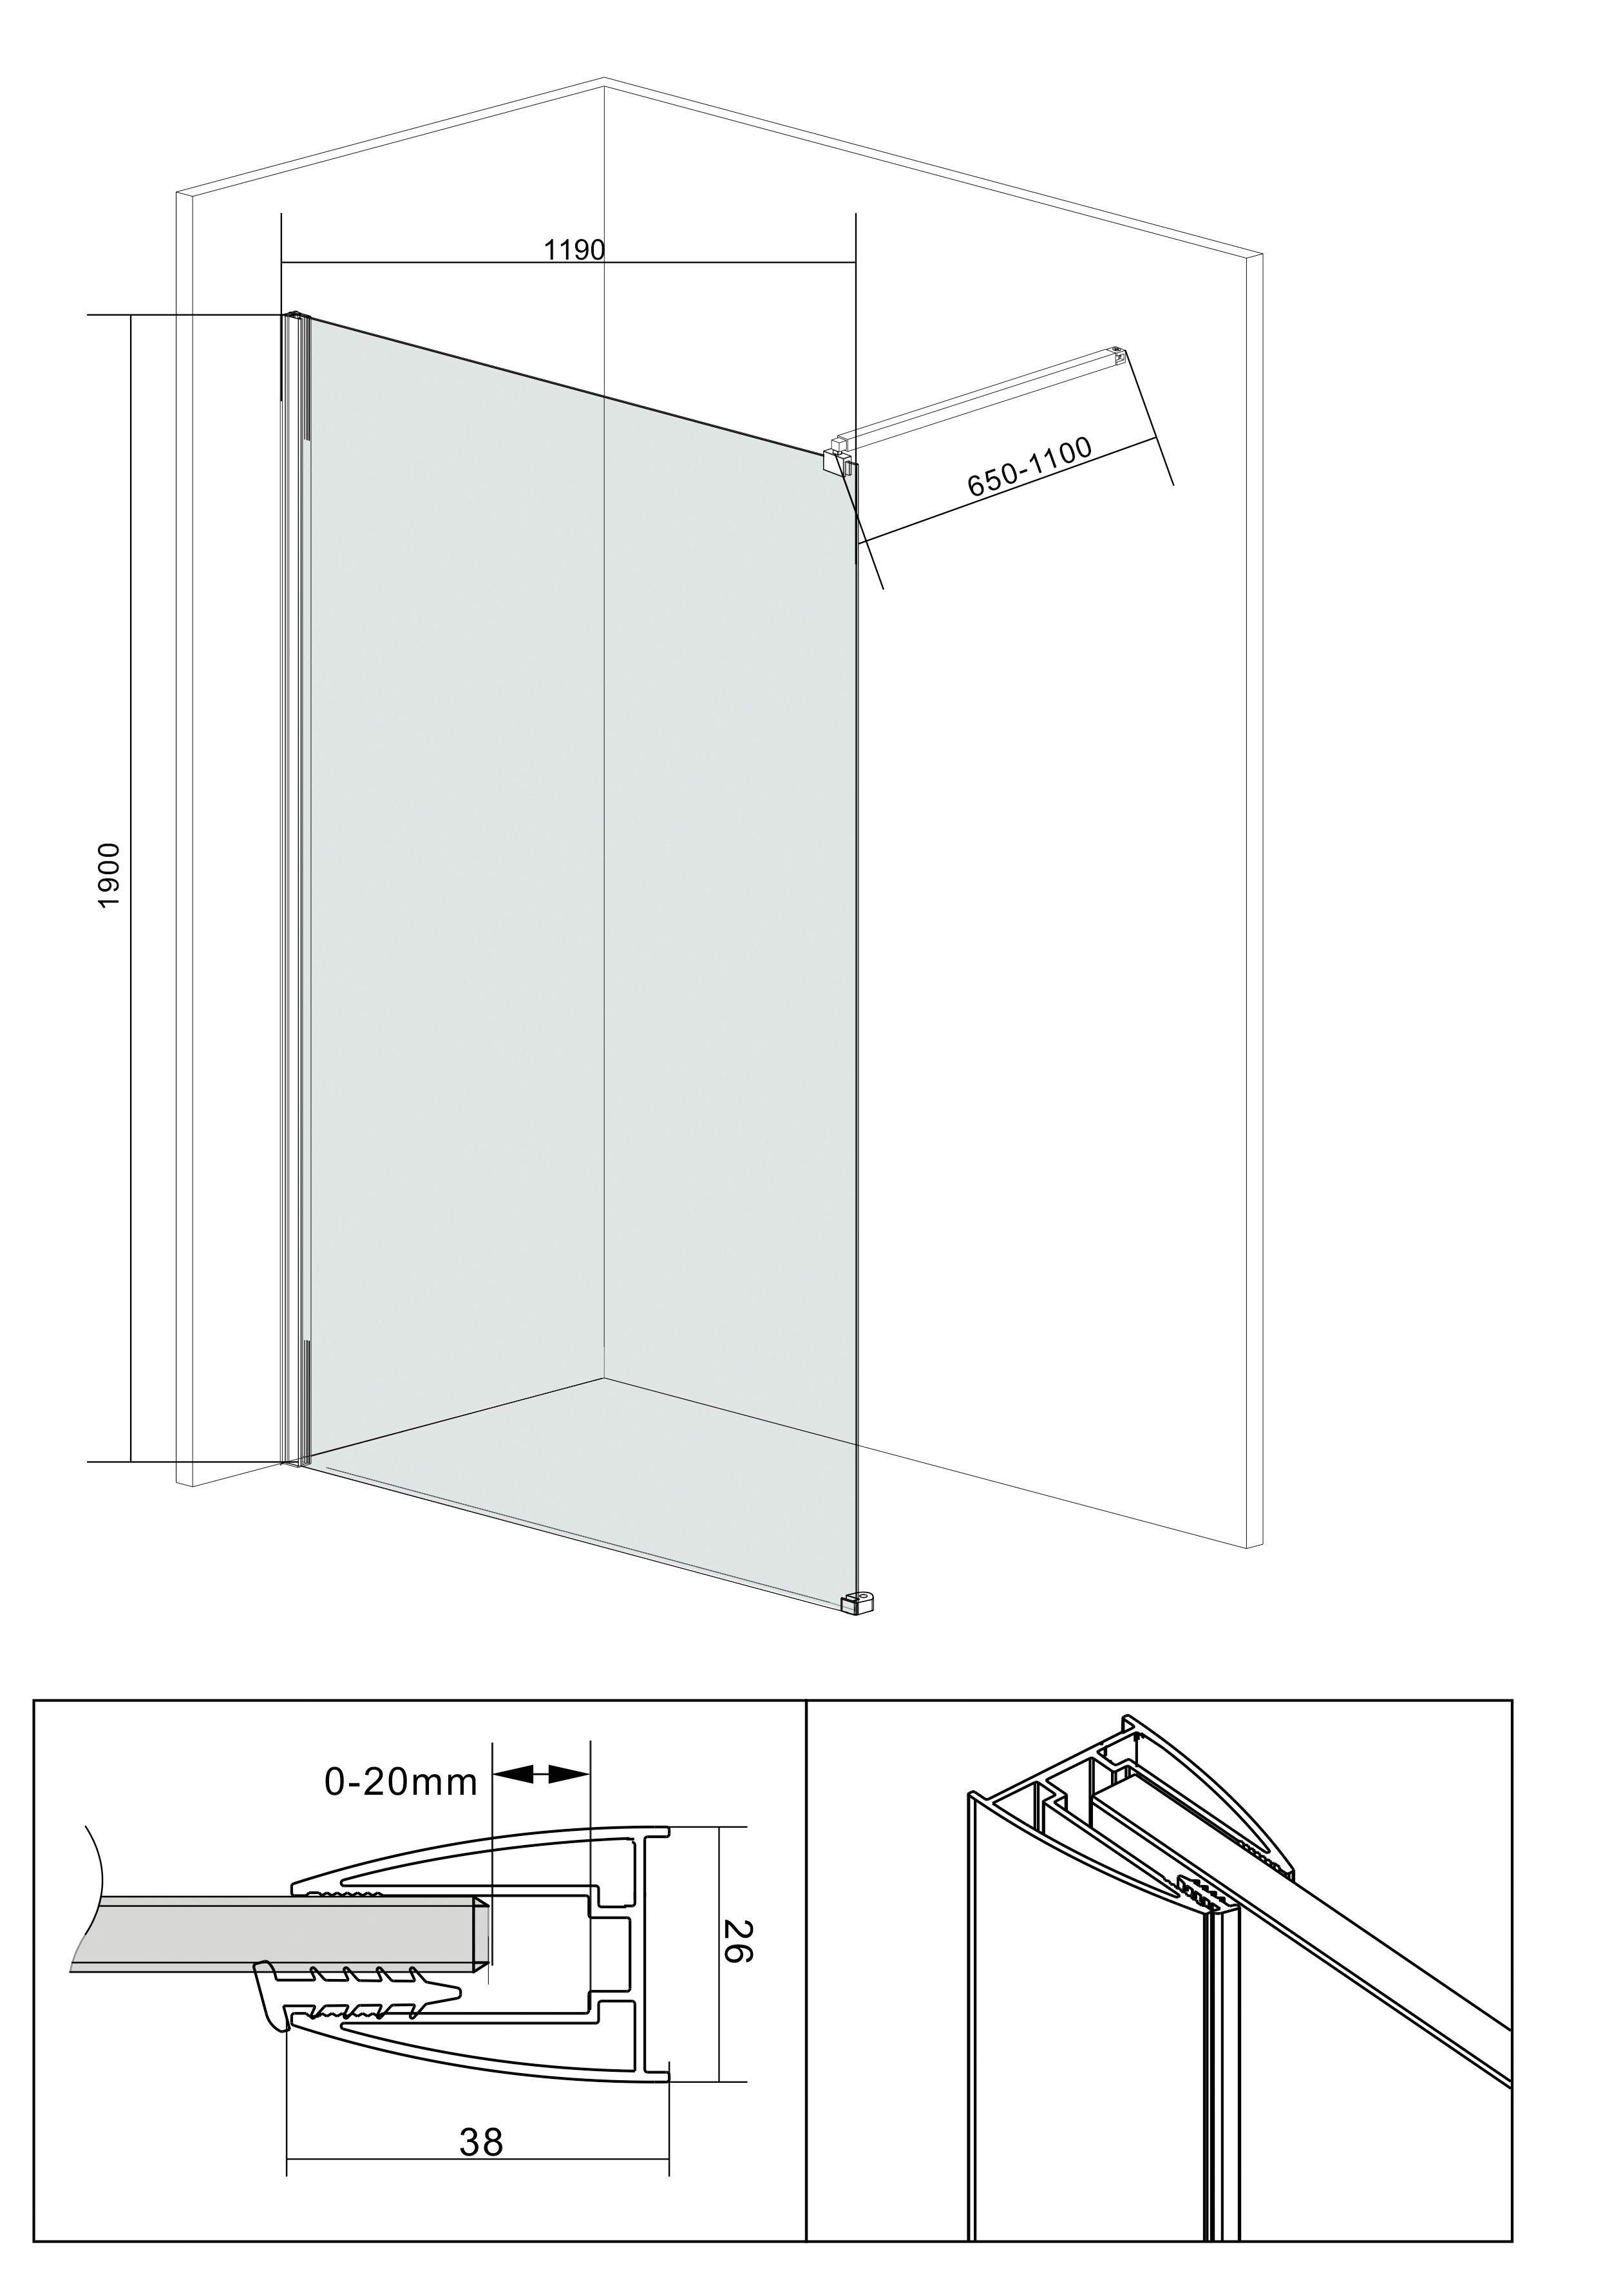 Zeer Walk-in douche »Doucheafscheiding«, Breedte 120 cm in de online YL51